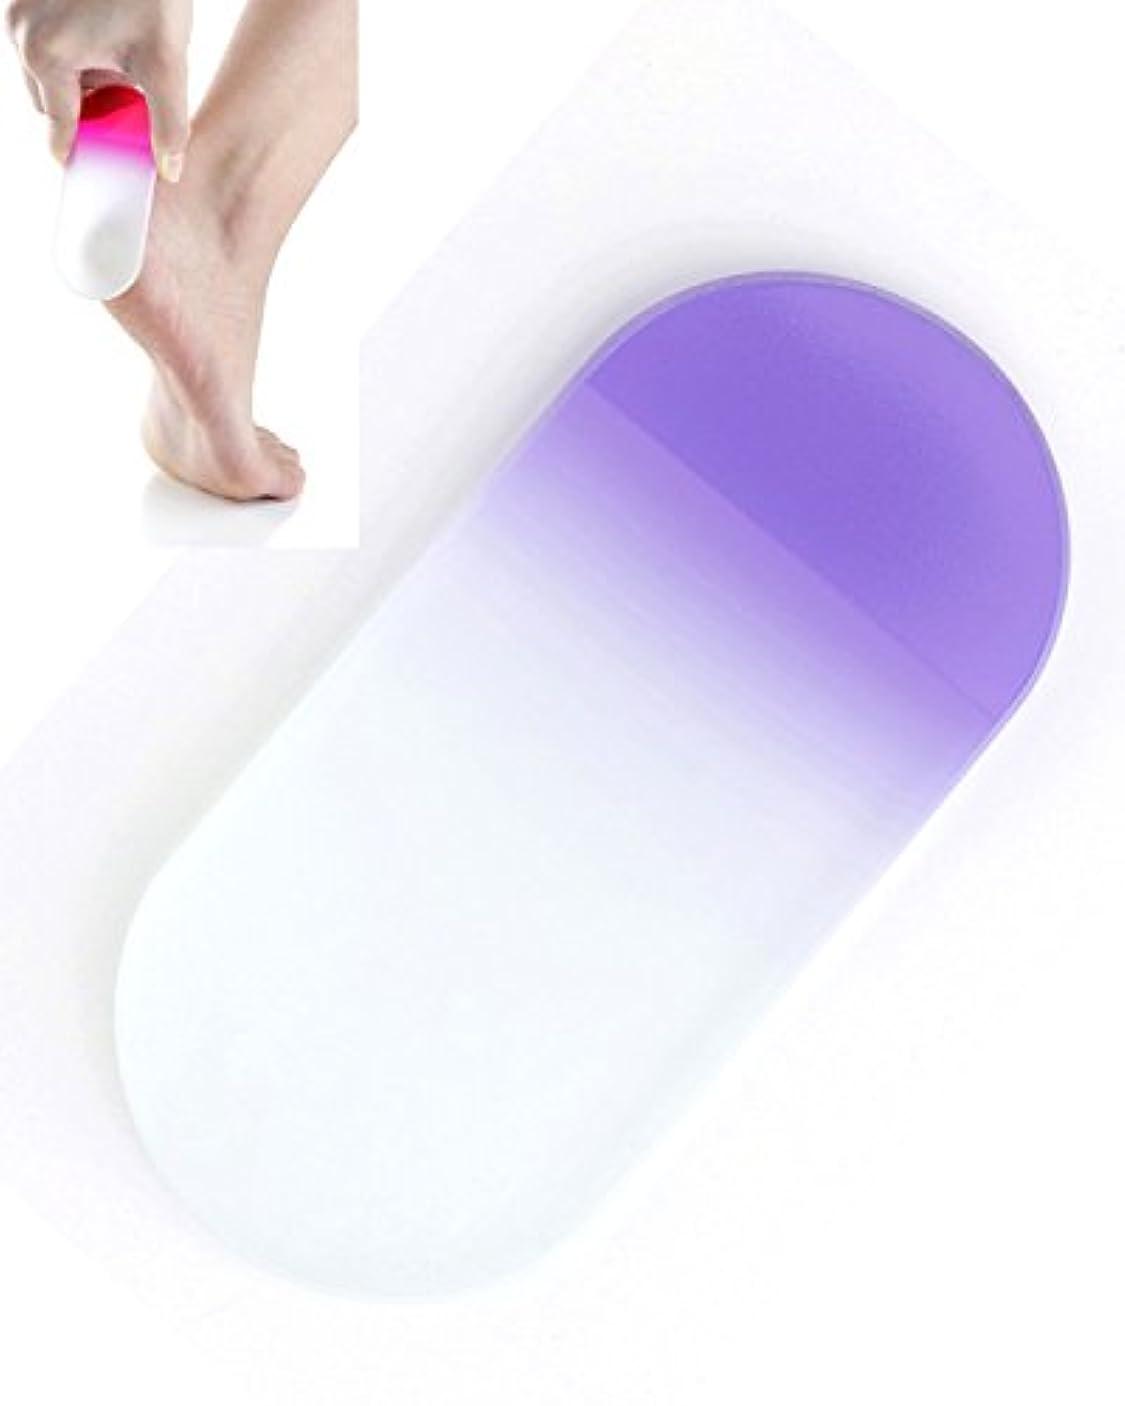 サポートランドリー発明BISON チェコ製ガラス かかとキレイ バイオレット 荒目/細目両面 専用ケース付 介護用